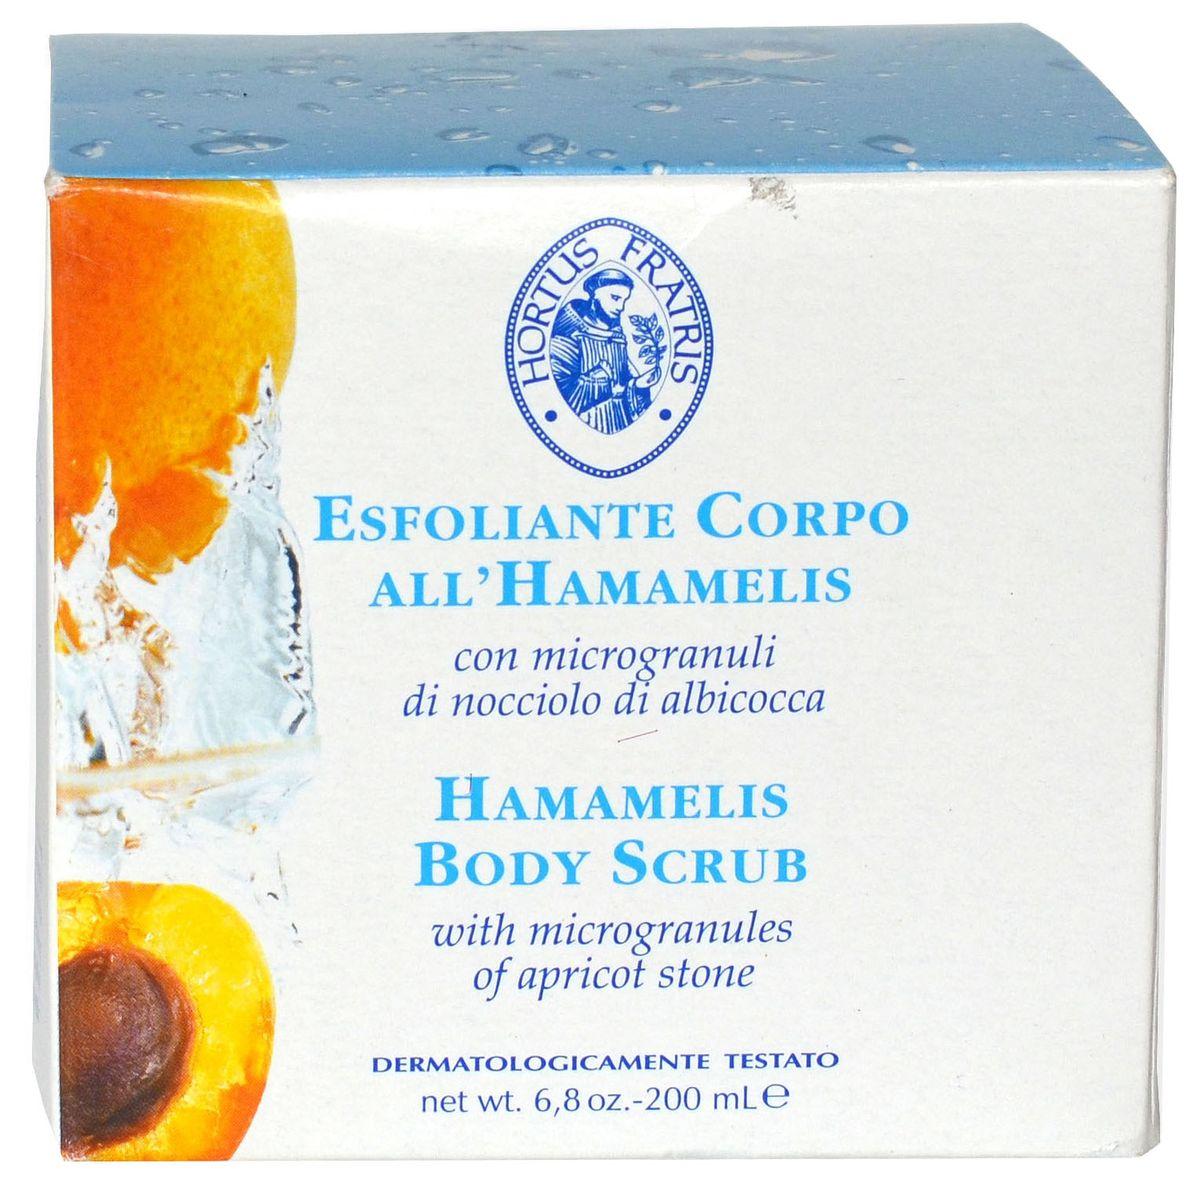 Hortus Fratris скраб для тела с экстрактом гамамелиса, 200 млБ33041_шампунь-барбарис и липа, скраб -черная смородинаПрекрасно очищает кожу. Делает ее необычайно мягкой и бархатистой. Благодаря косточкам абрикоса оказывает пилингующее действие, способствует деликатному удалению отмерших клеток кожи. Экстракт гамамелиса успокаивает, смягчает и освежает. После процедуры кожа становиться свежей, легко дышит.